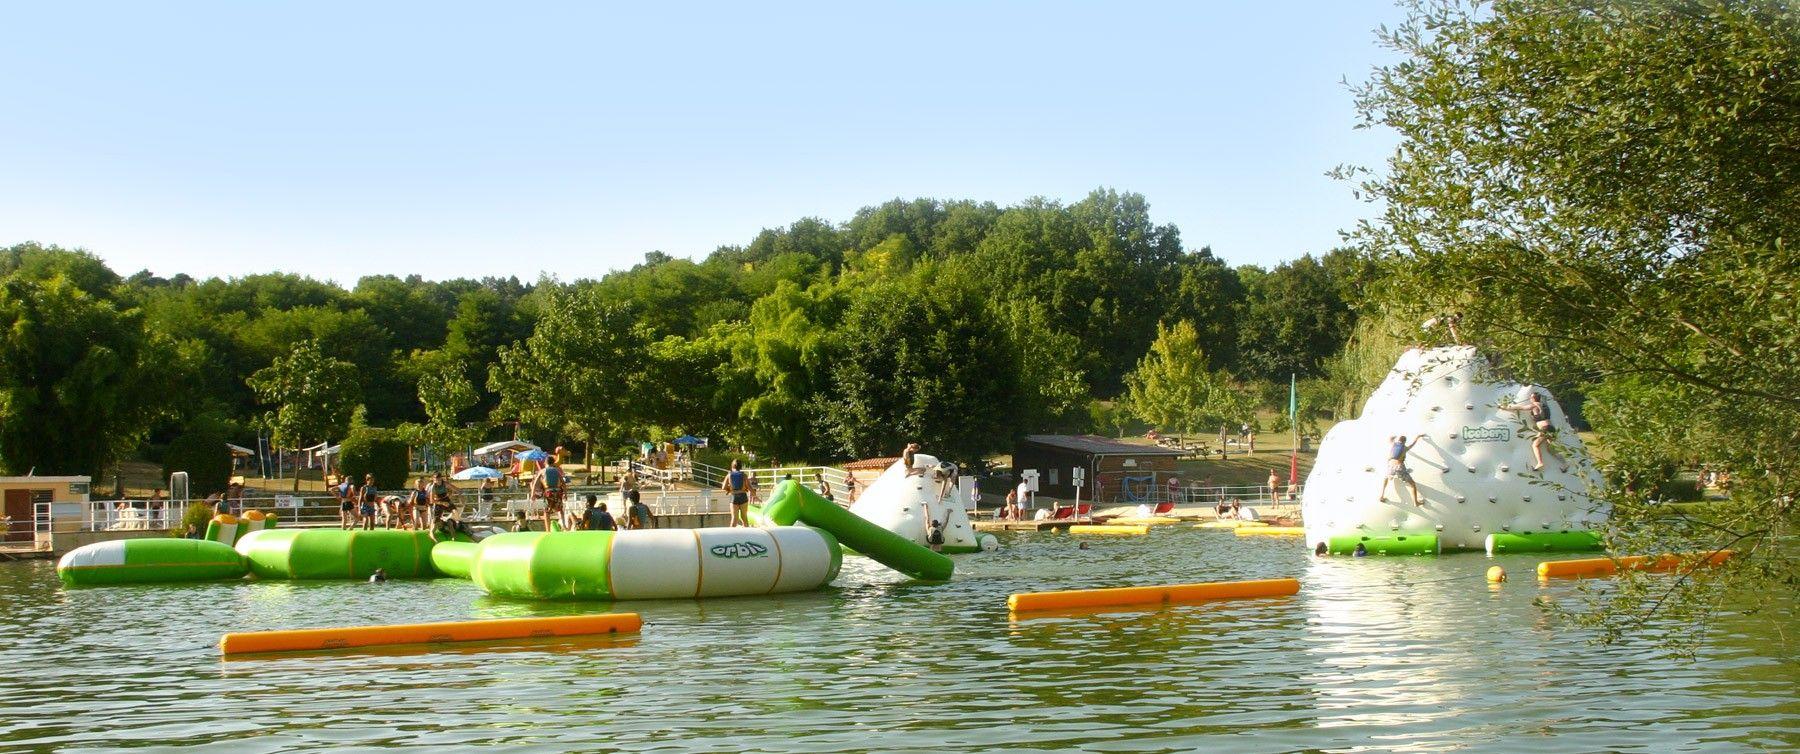 Camping 4 Toiles En Dordogne Et Son Parc De Loisirs Et